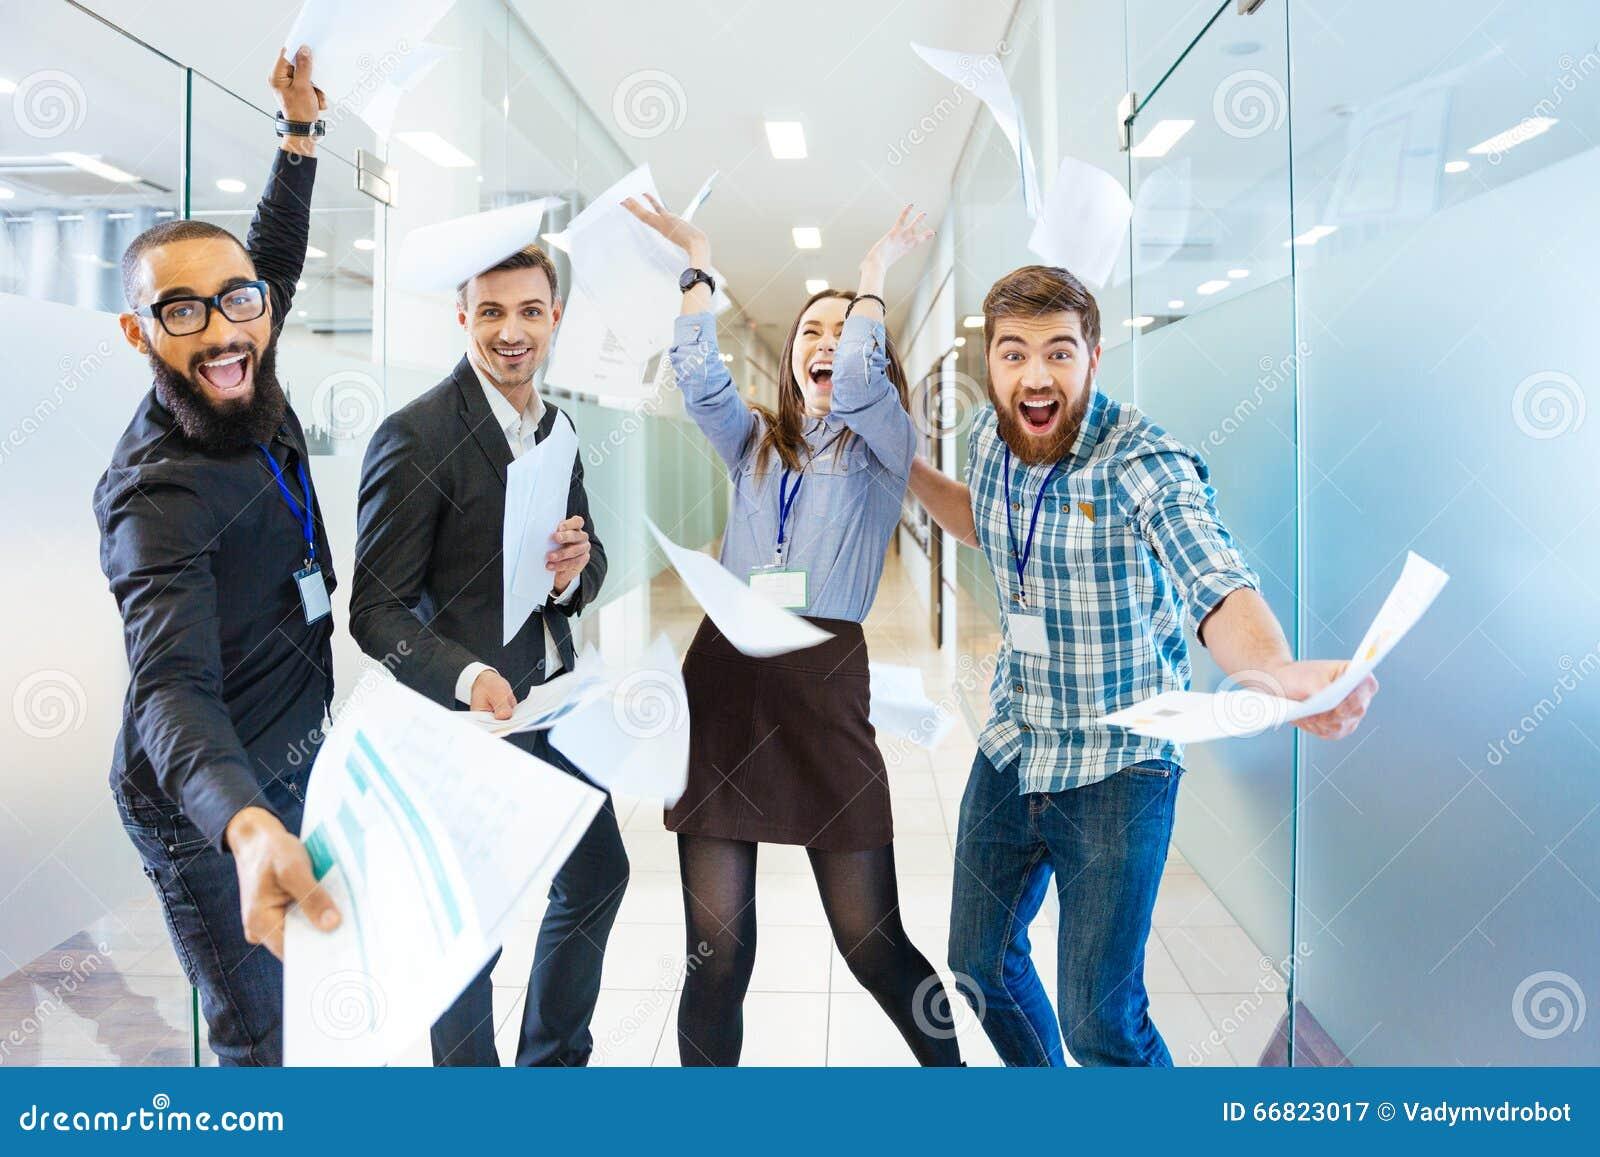 Gruppe frohe aufgeregte Geschäftsleute, die Spaß im Büro haben